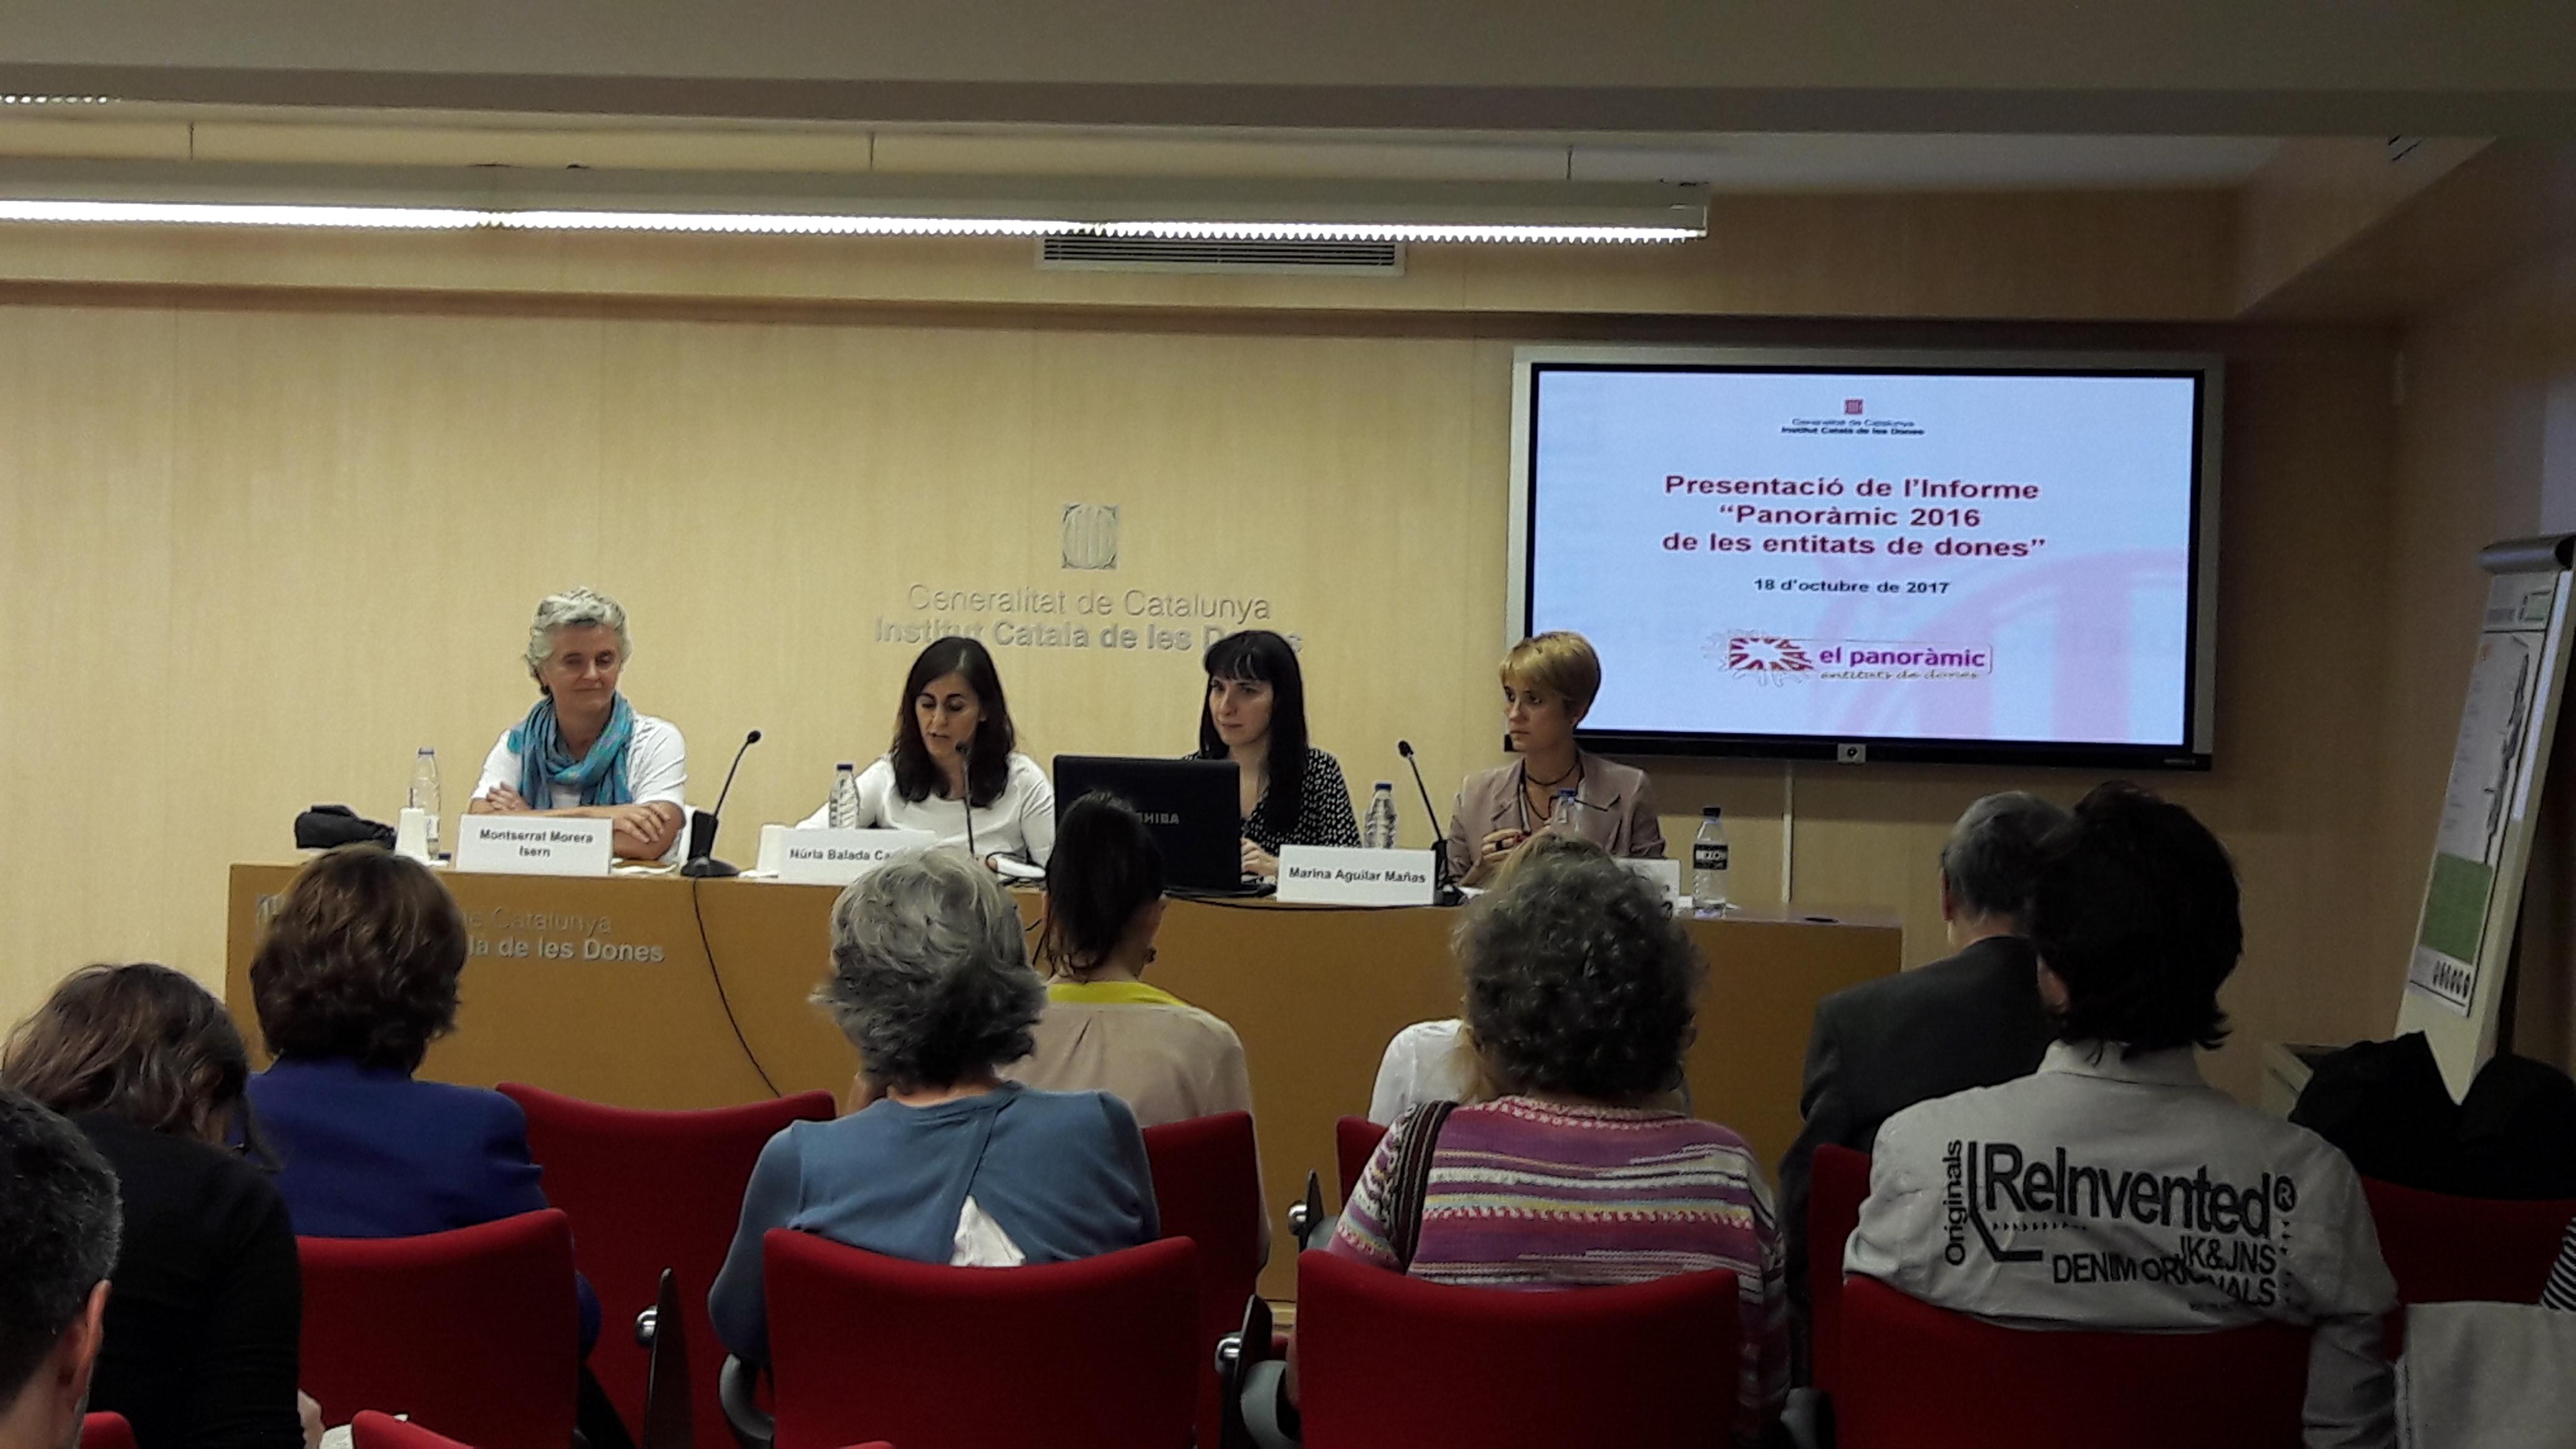 Presentació del Panoràmic de les entitats de dones